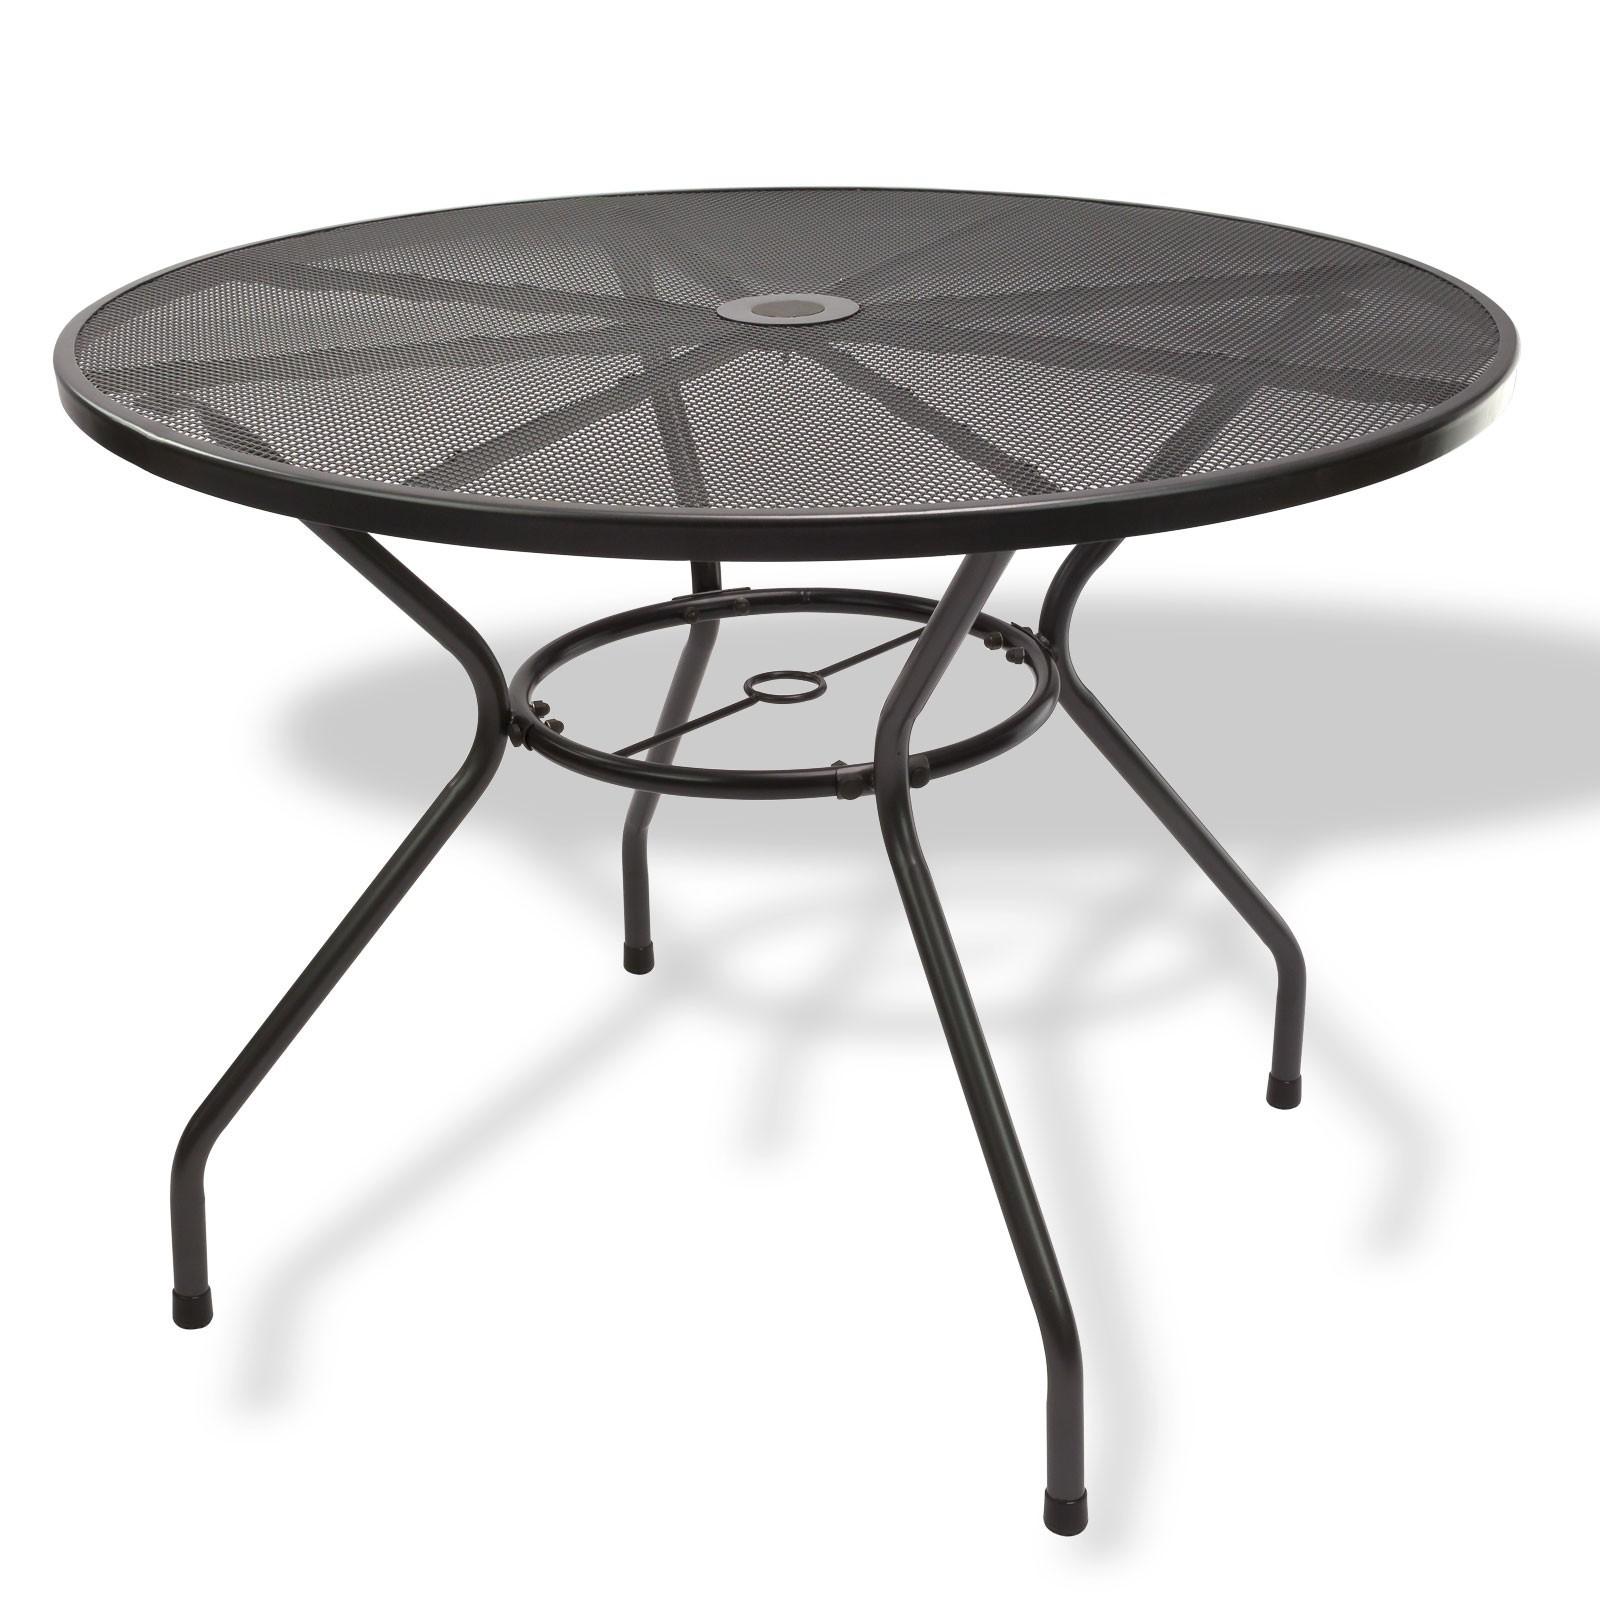 gartenm bel stapelstuhl bank tisch rund streckmetall anthrazit balkon terrasse ebay. Black Bedroom Furniture Sets. Home Design Ideas